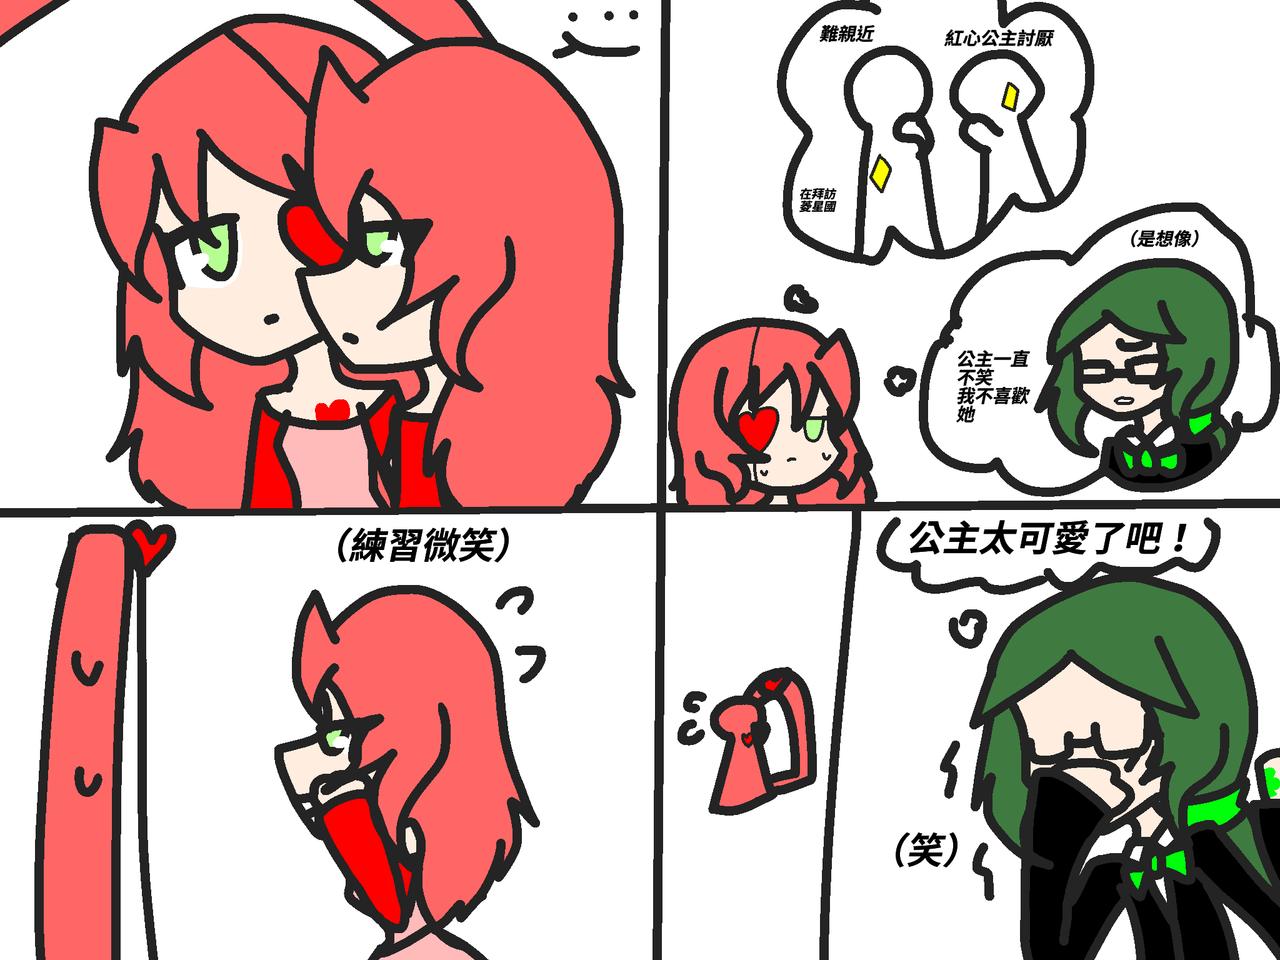 小煩惱 Illust of 喵喵(Chara喵) medibangpaint